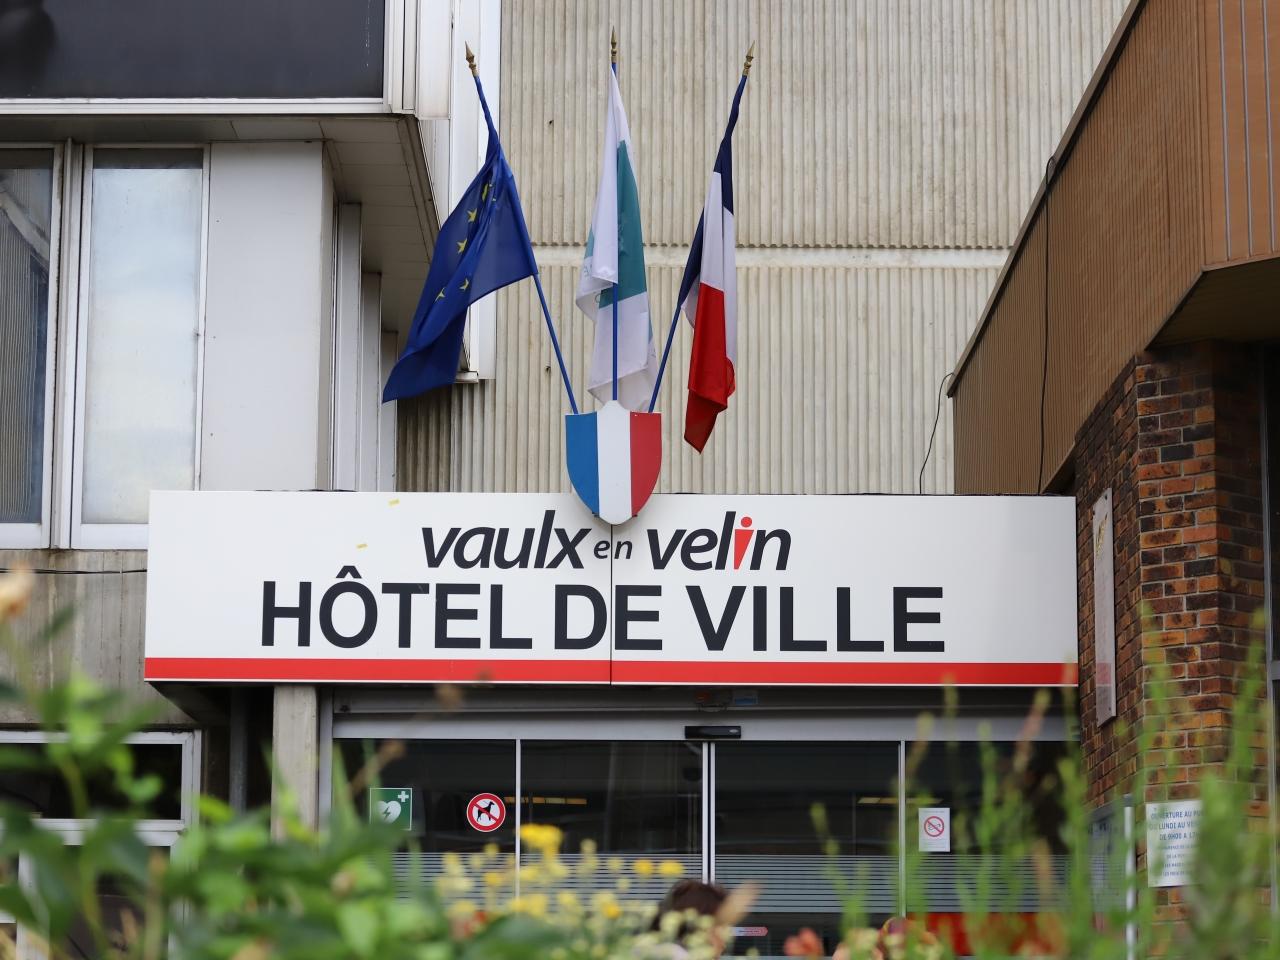 Vaulx-en-Velin : Compte rendu du conseil de sécurité et de prévention de la délinquance